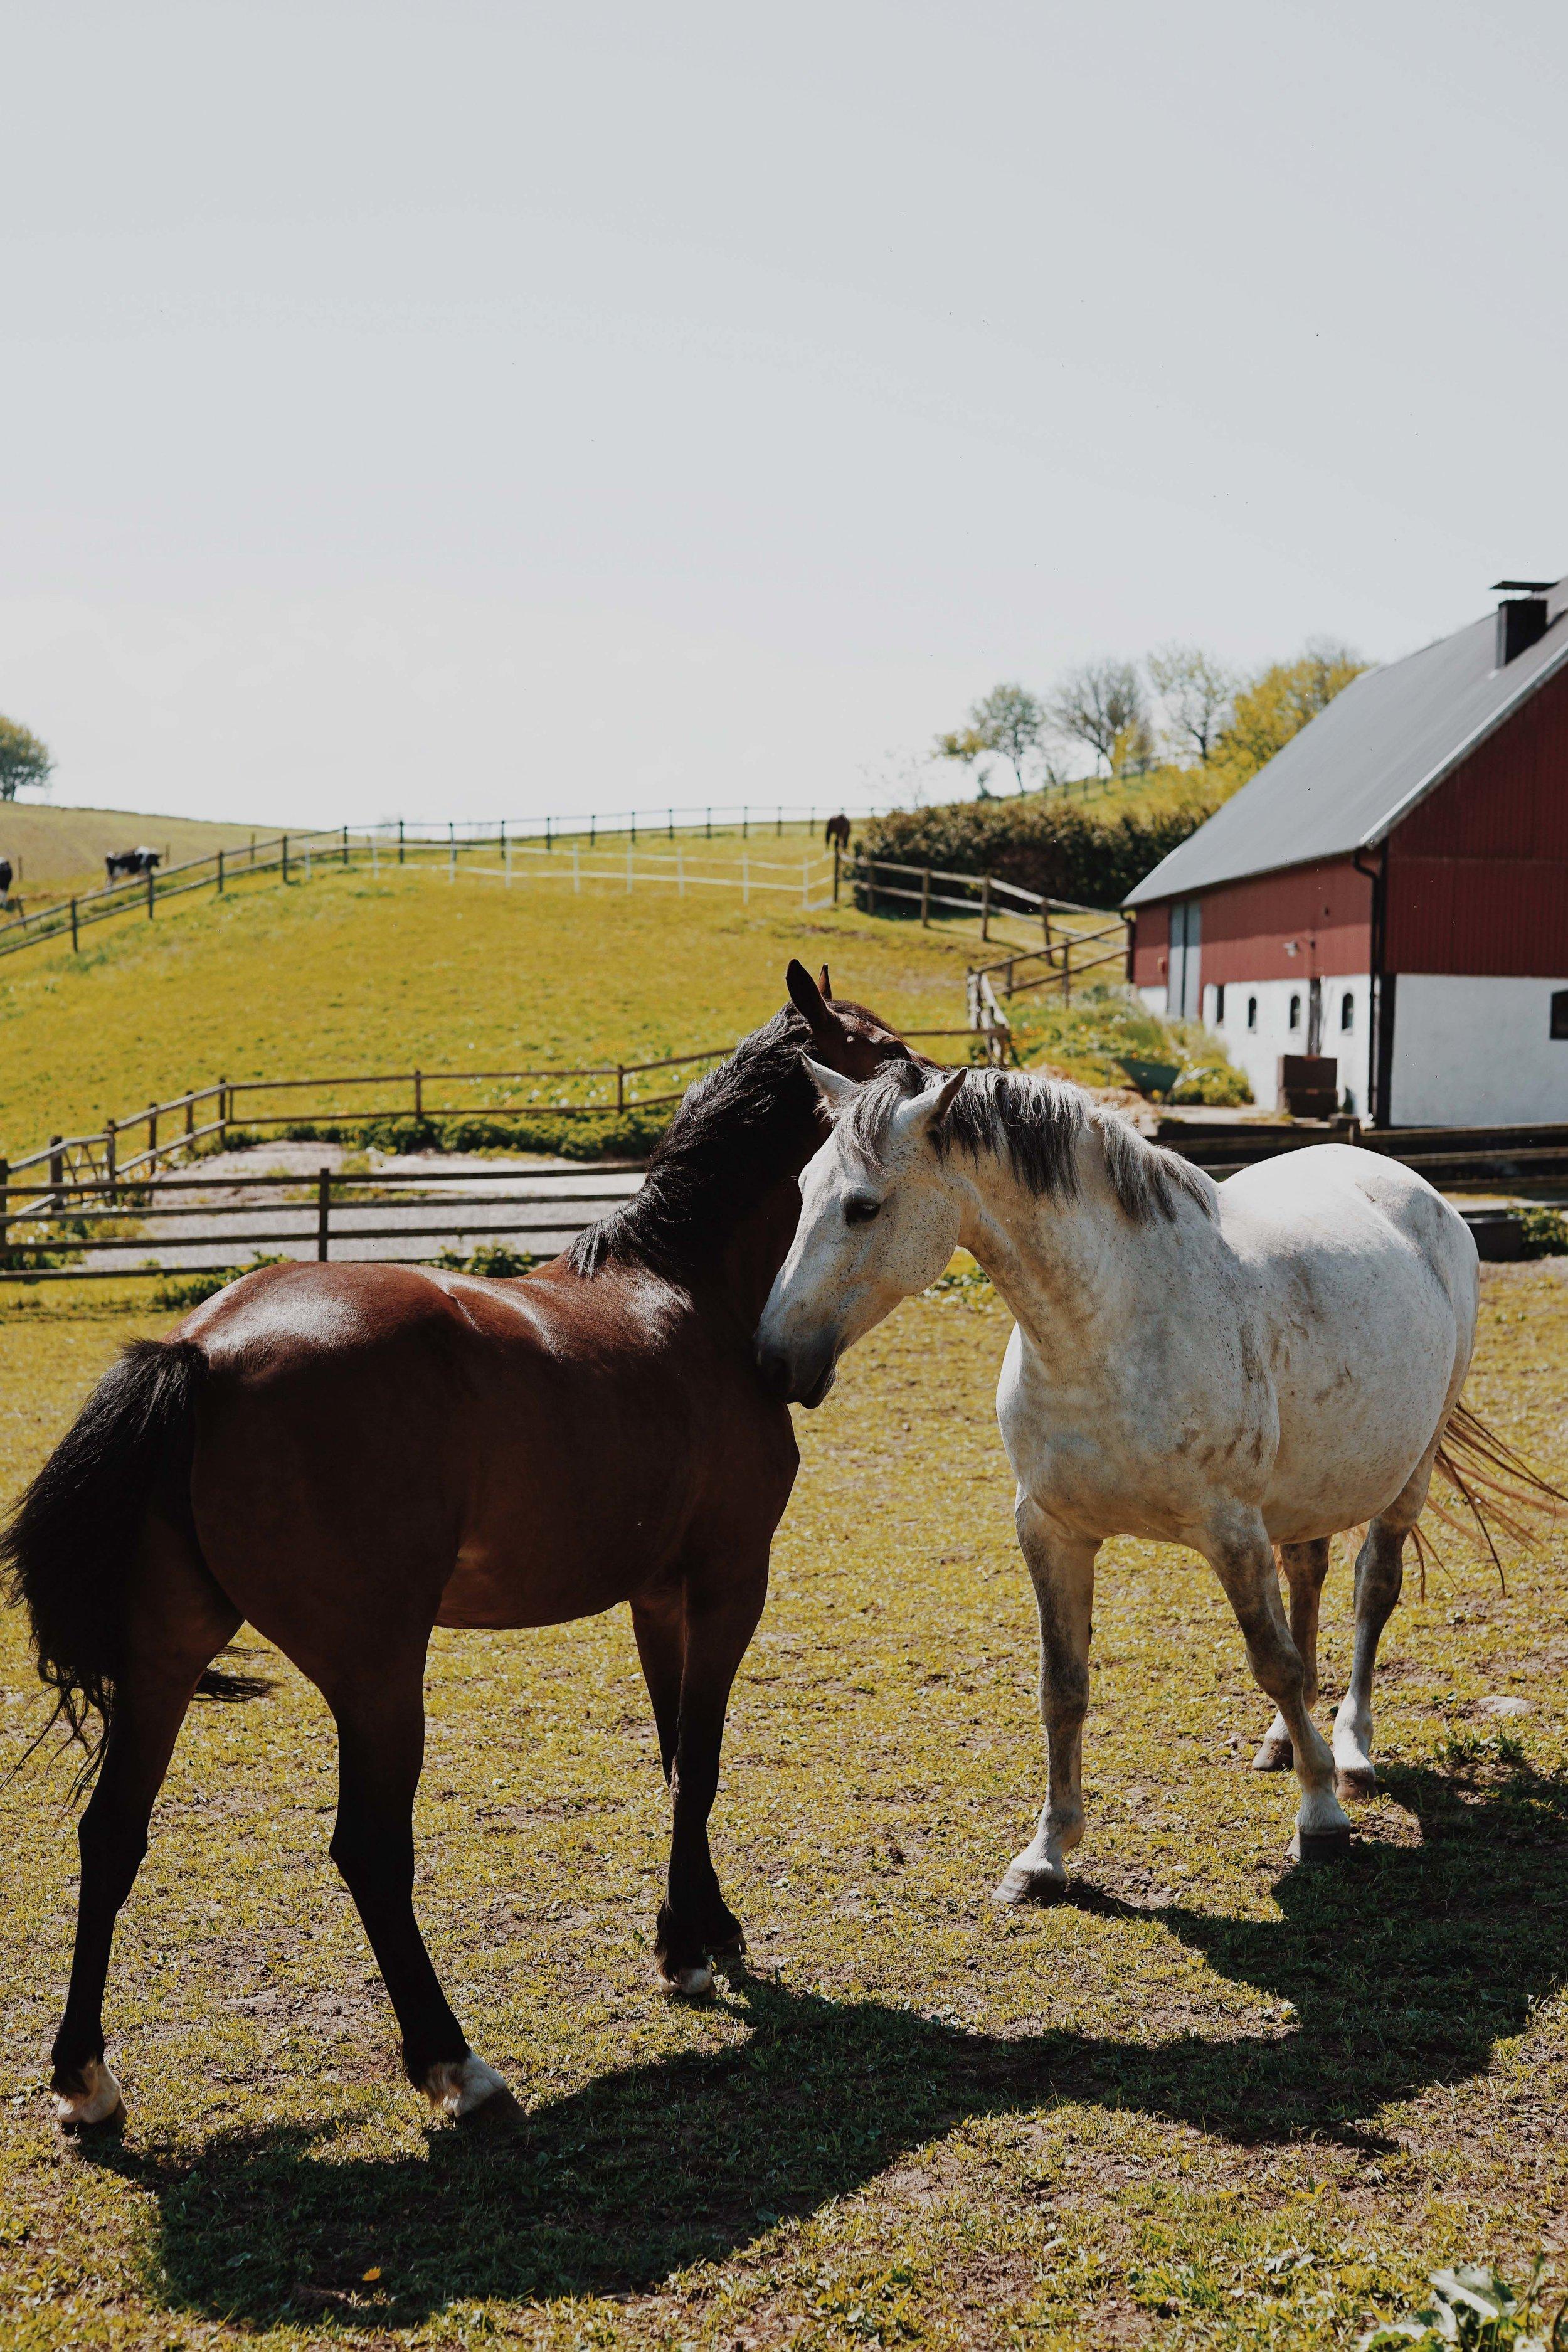 ASROSENVINGE_VisitSkane_Sweden_Horses_Field_LowRes-206.jpg